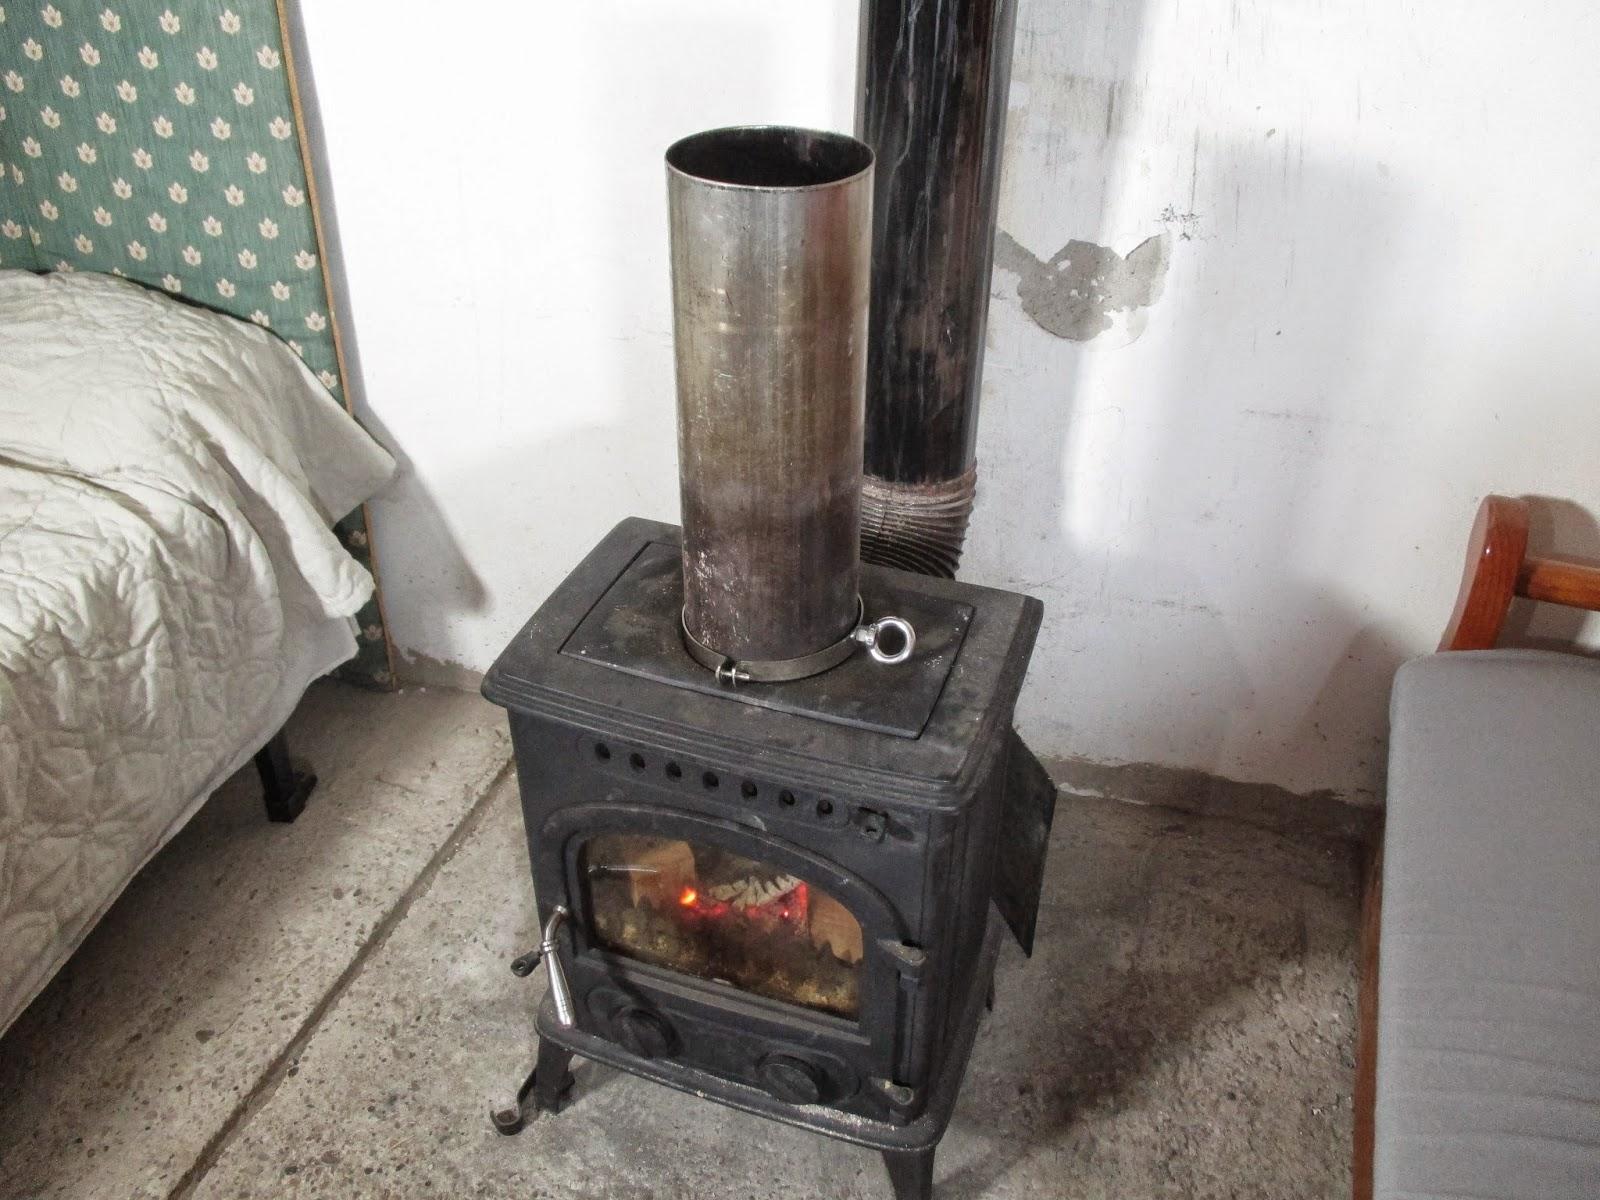 Calor por un tubo estufas de le a - Estufa de lena ...